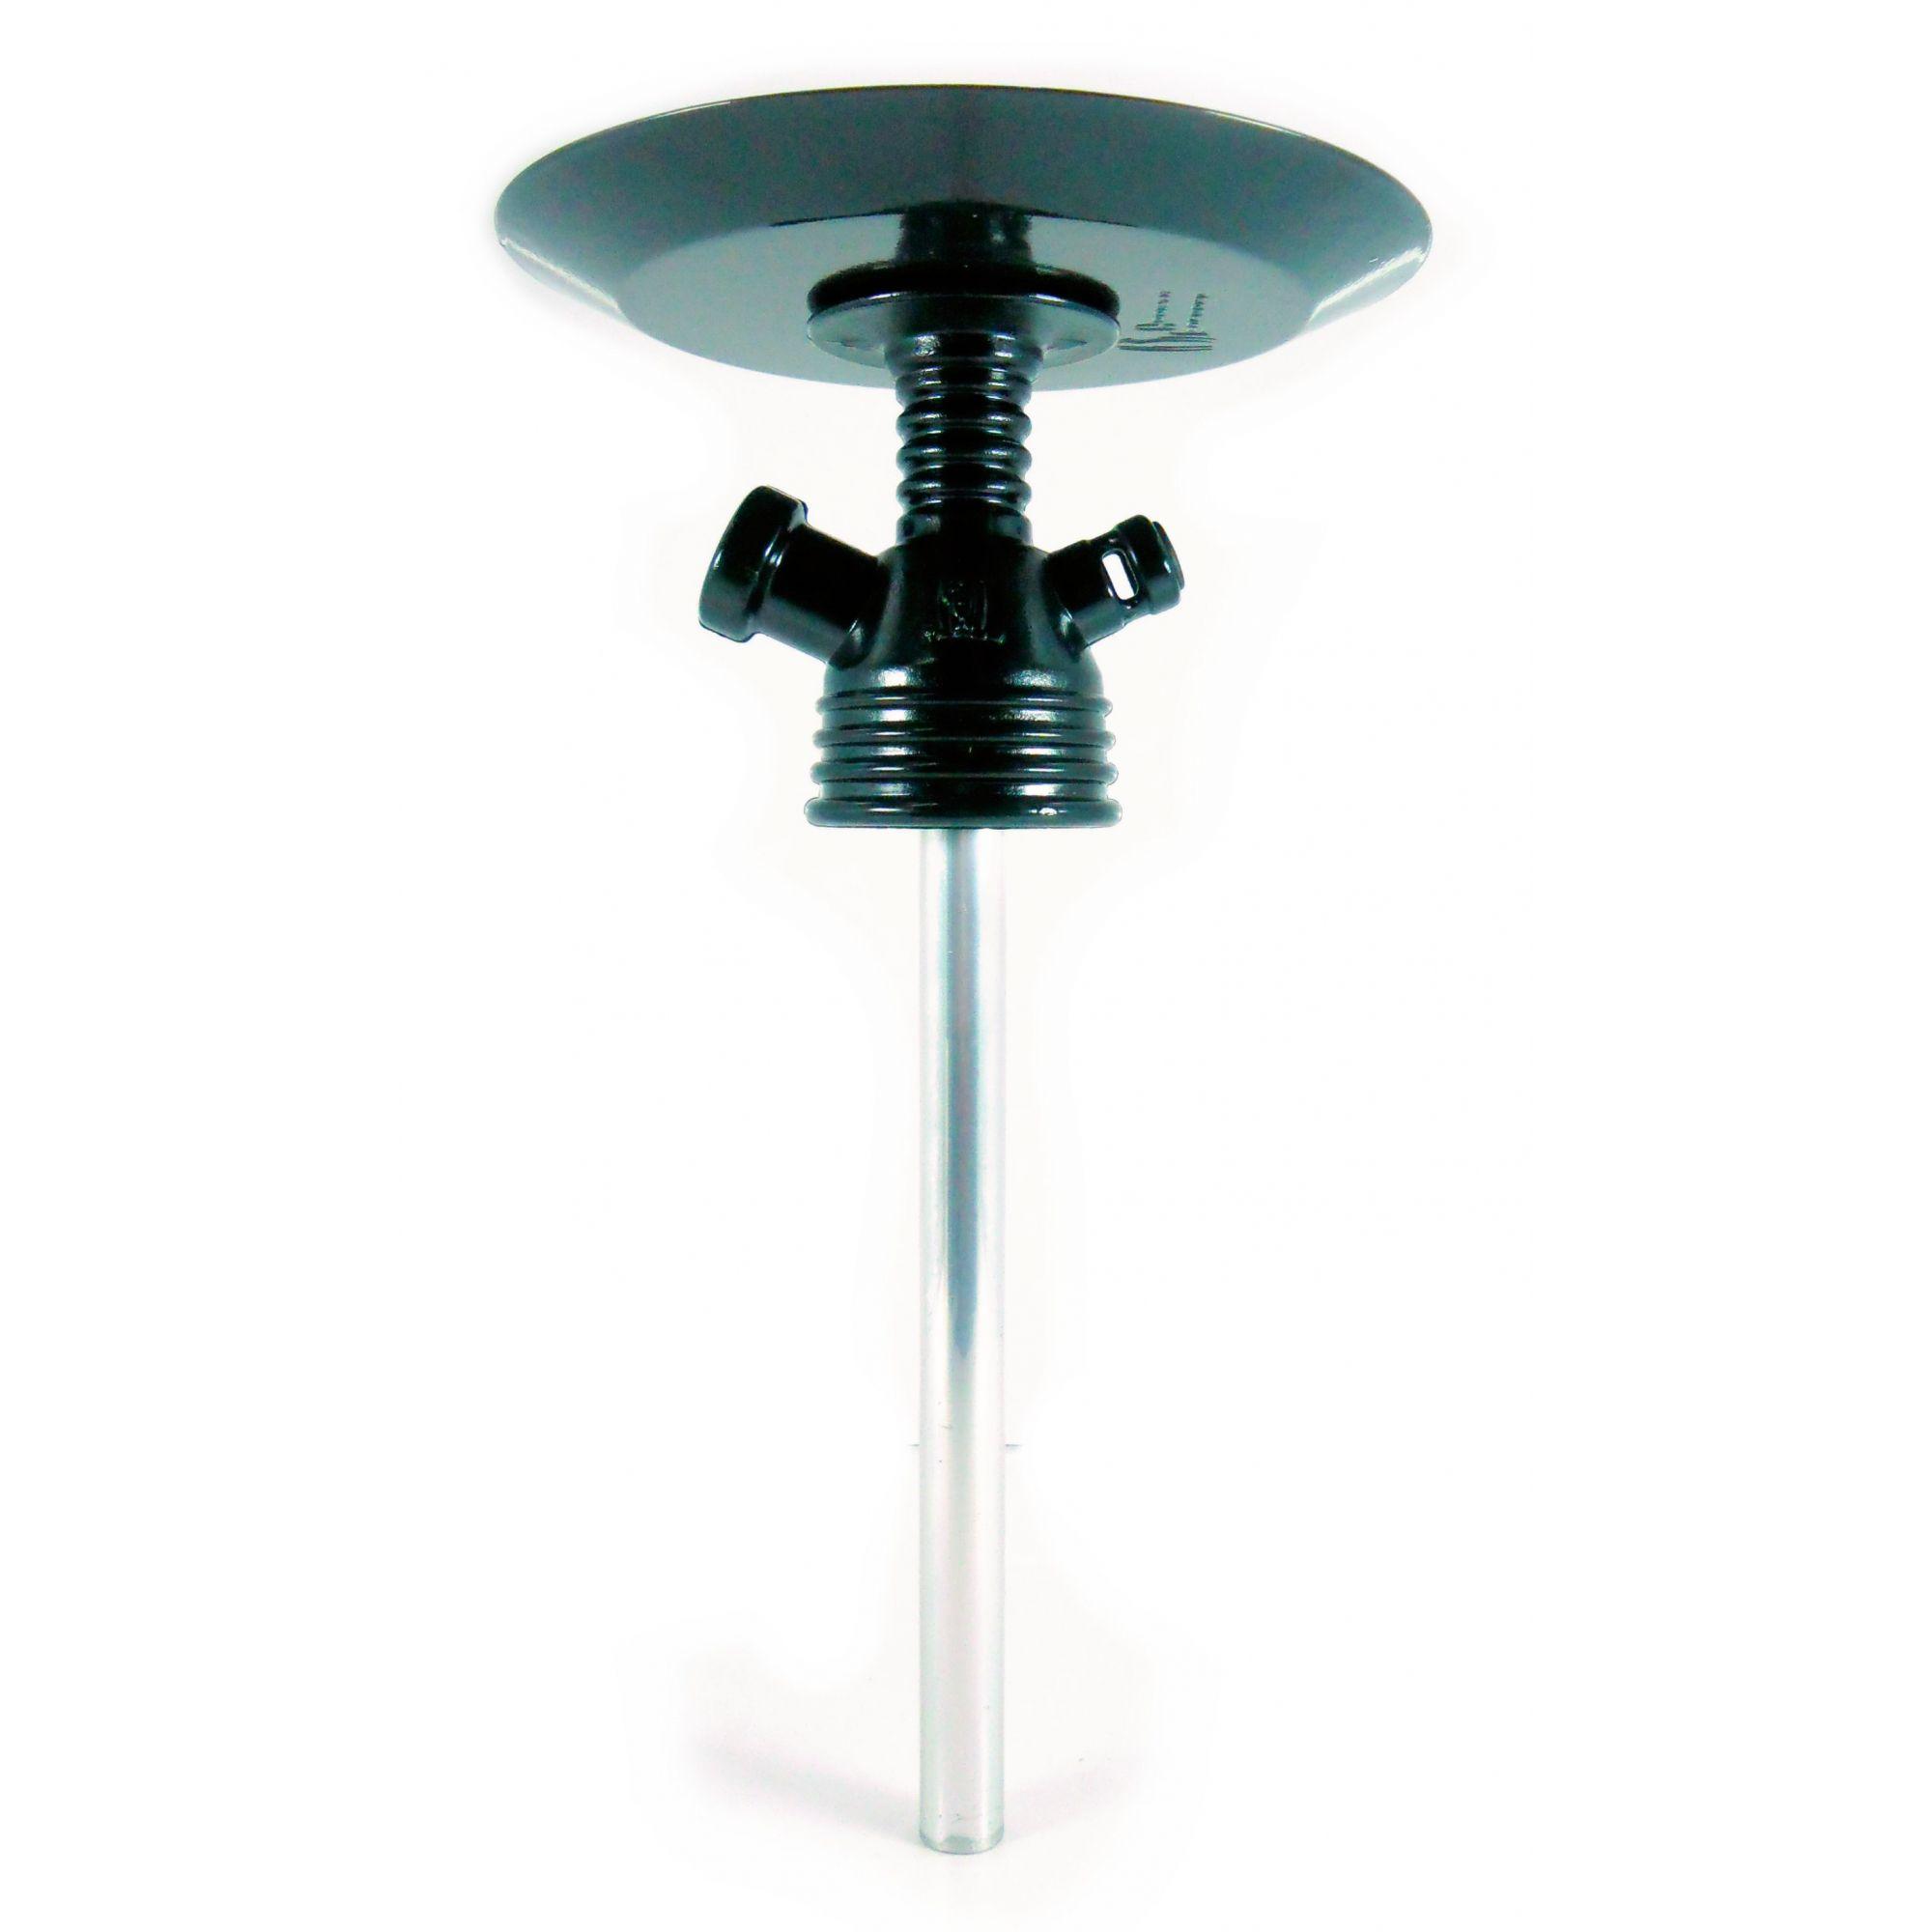 Stem (corpo de narguile) polipropileno p/adaptar em garrafa, tubo, prato, adaptador e vedação. Preto